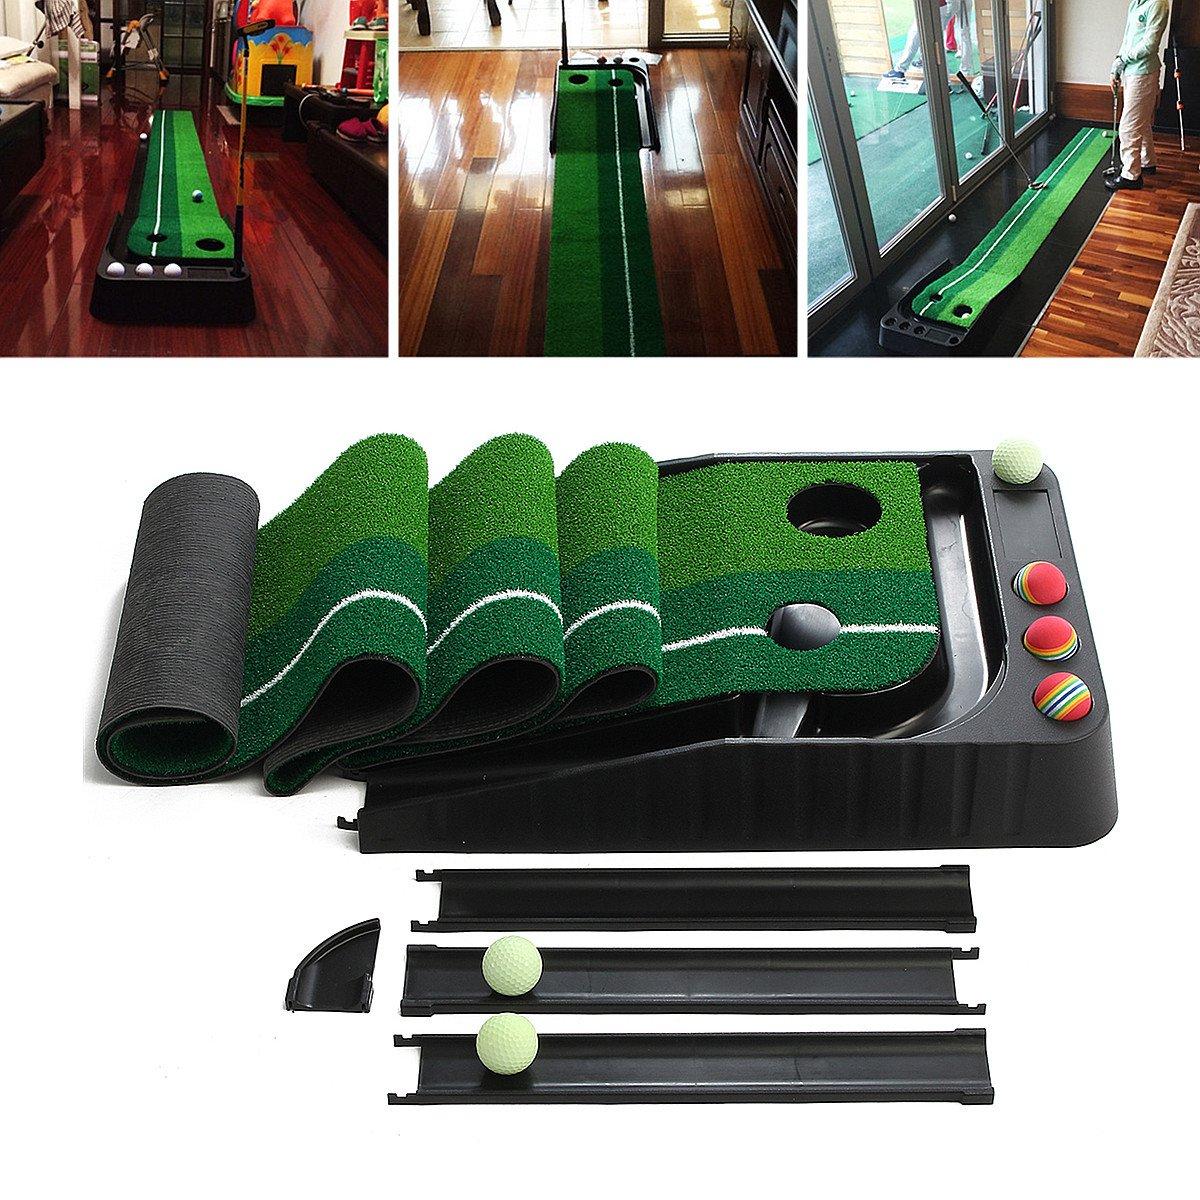 Wincom Dishman Aセット 2.5m ゴルフ パッティング 練習用マット ボール6個付き リターン屋内 屋外   B07HP17X78